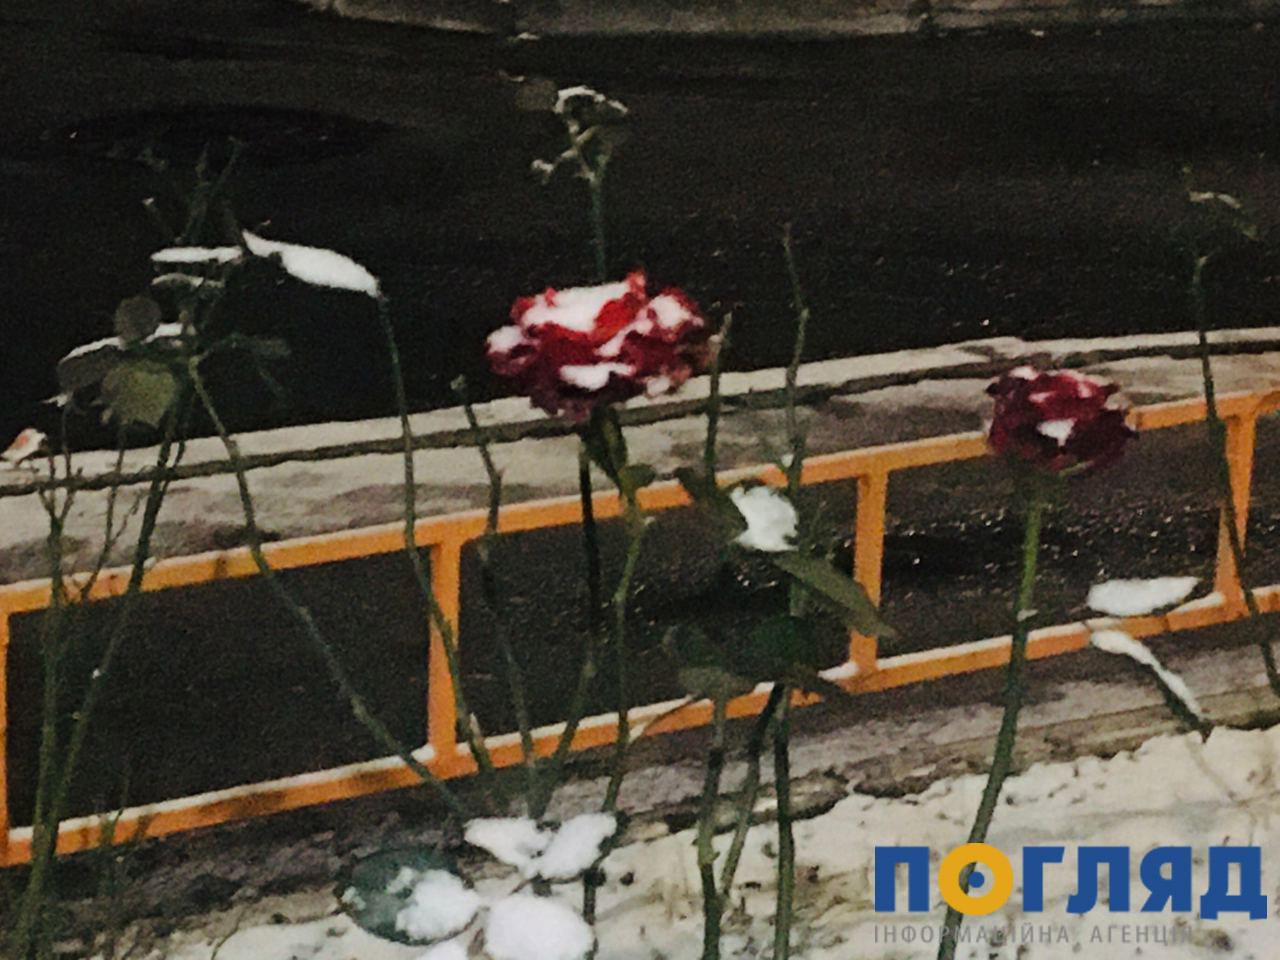 Засніжило: на Київщині випав перший сніг (ФОТО) - сніг, погода, перший сніг - 17 sneg bucha8